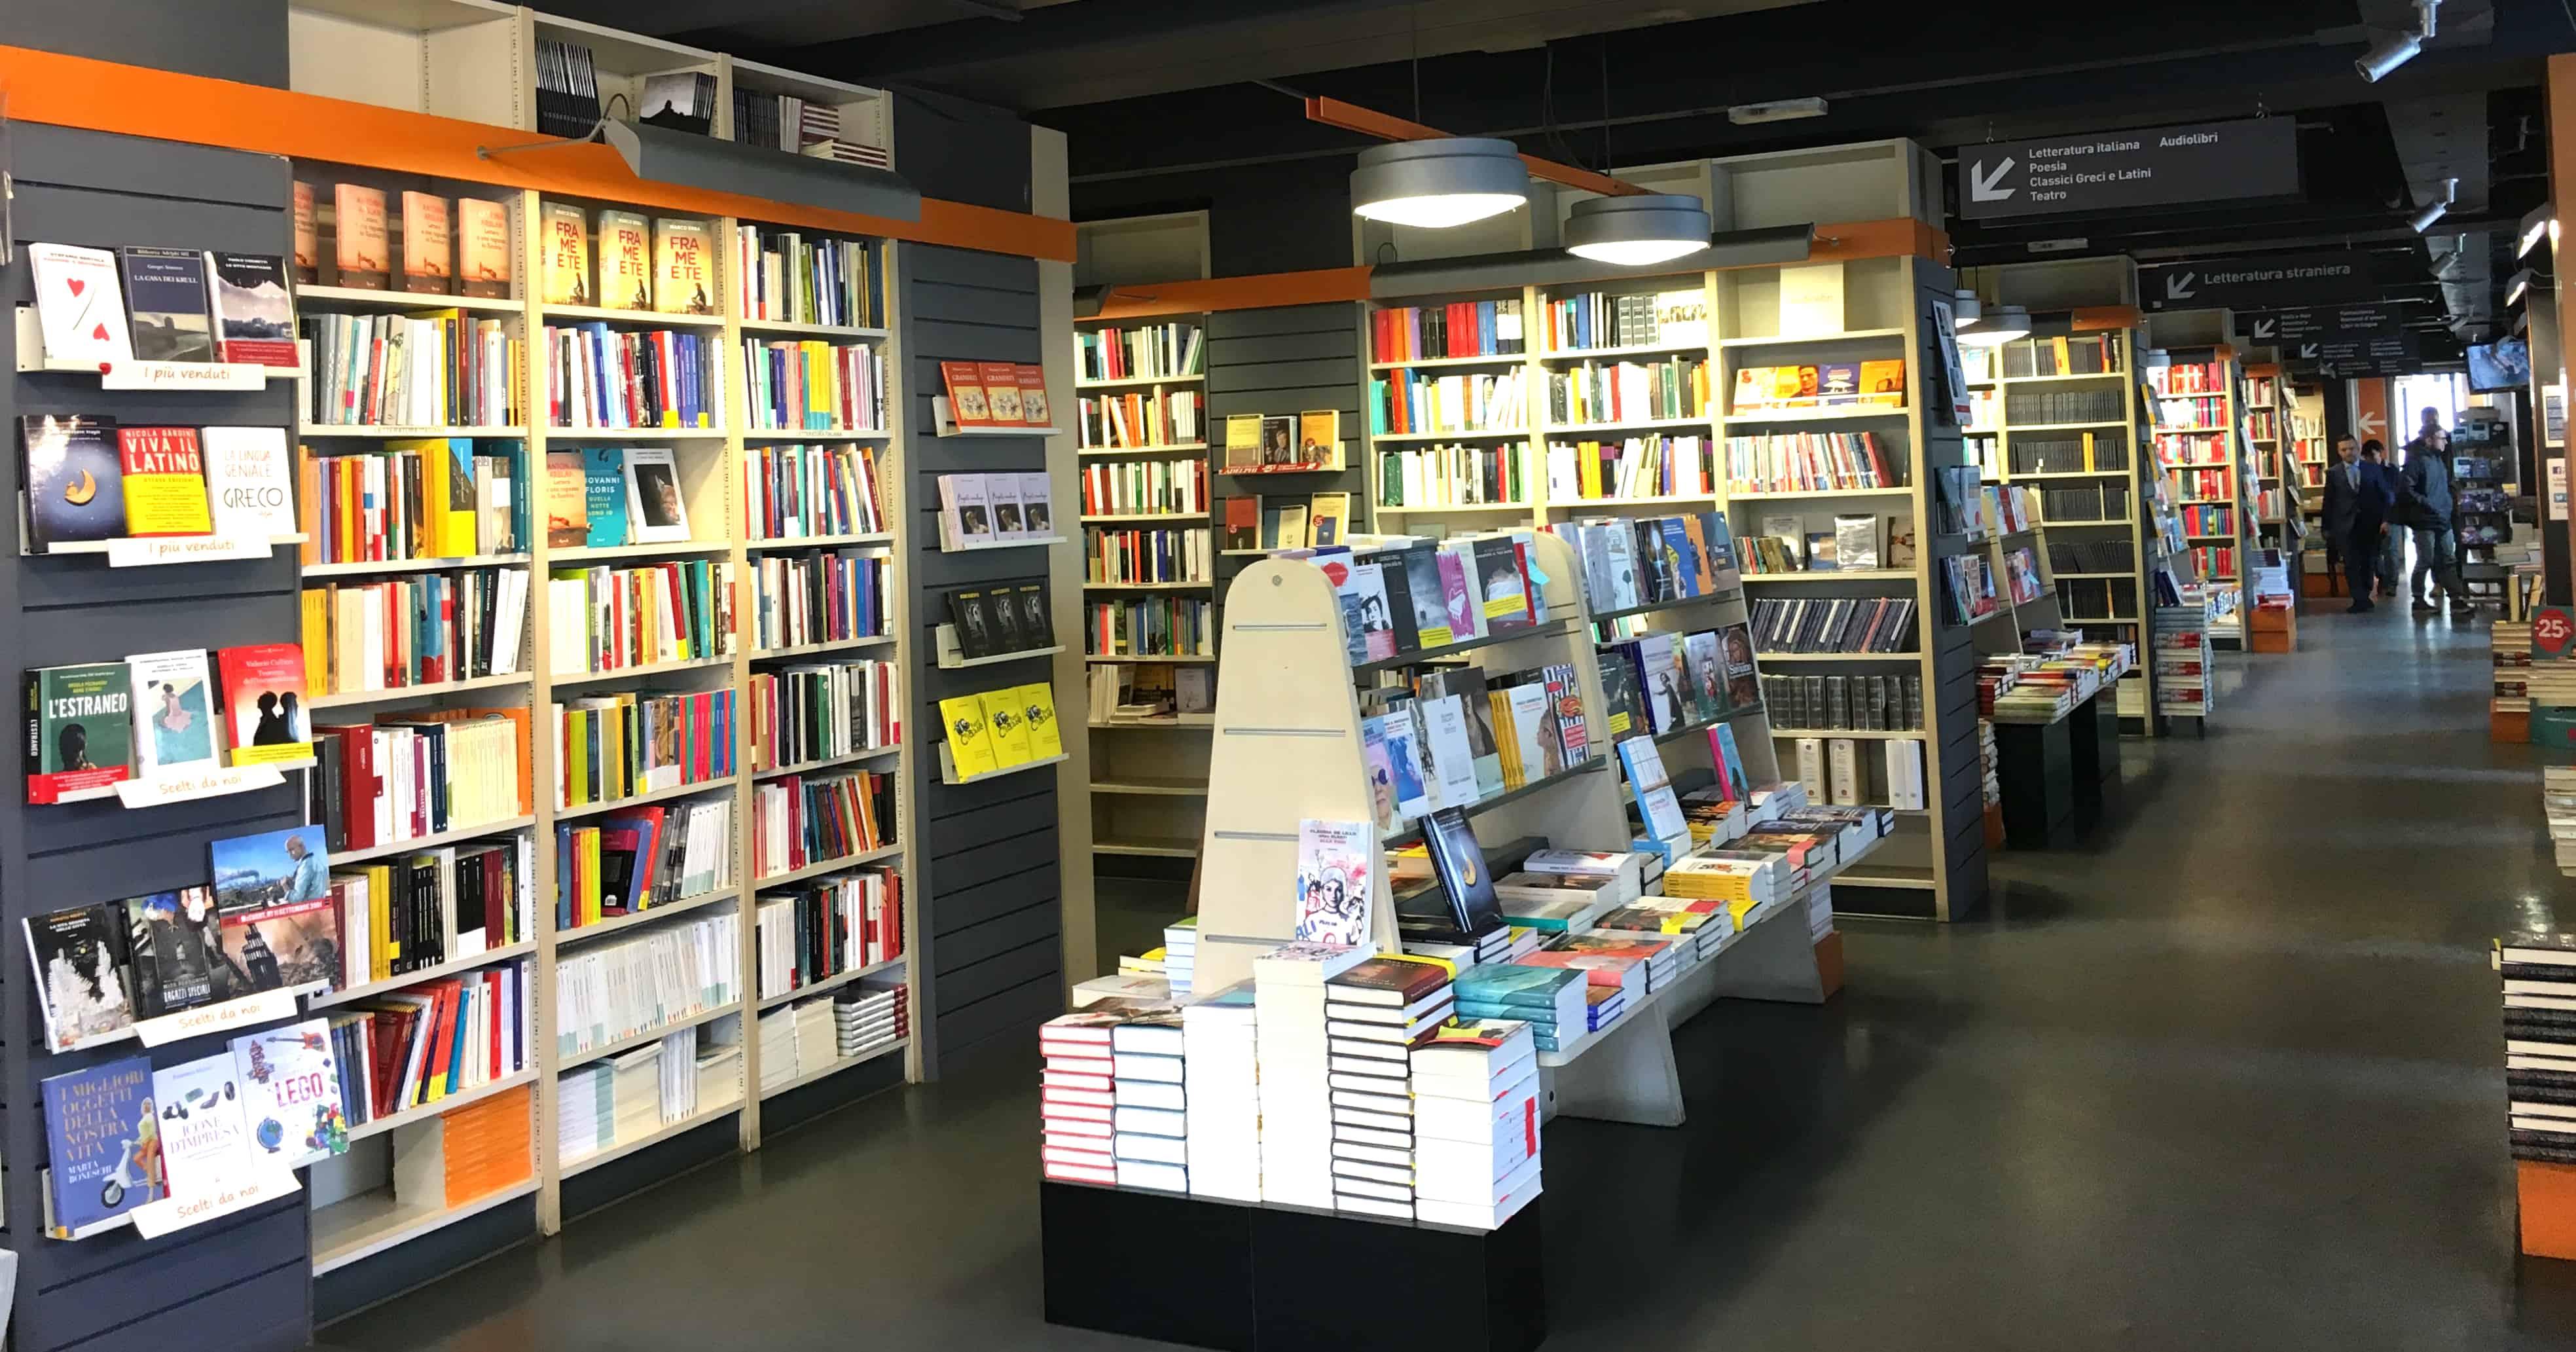 Libreria Galla Vicenza